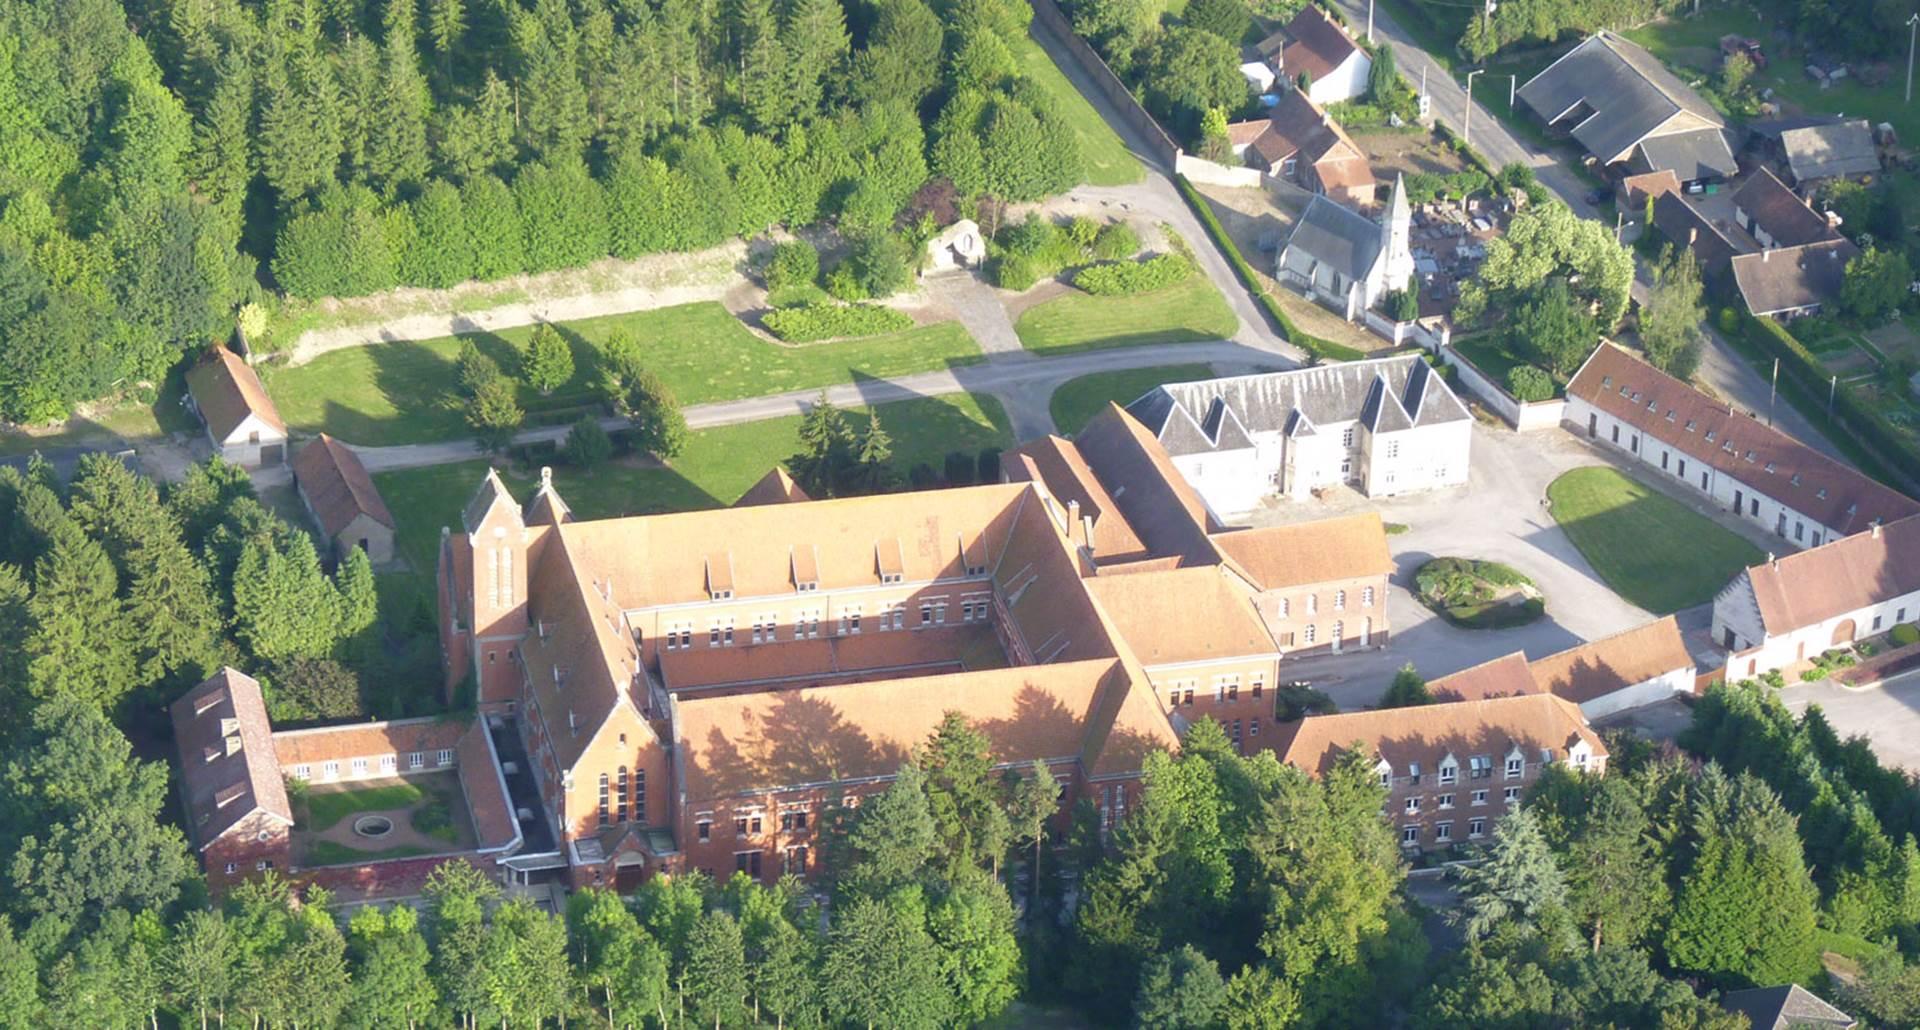 vue aerienne du domaine de l'Abbaye de Belval